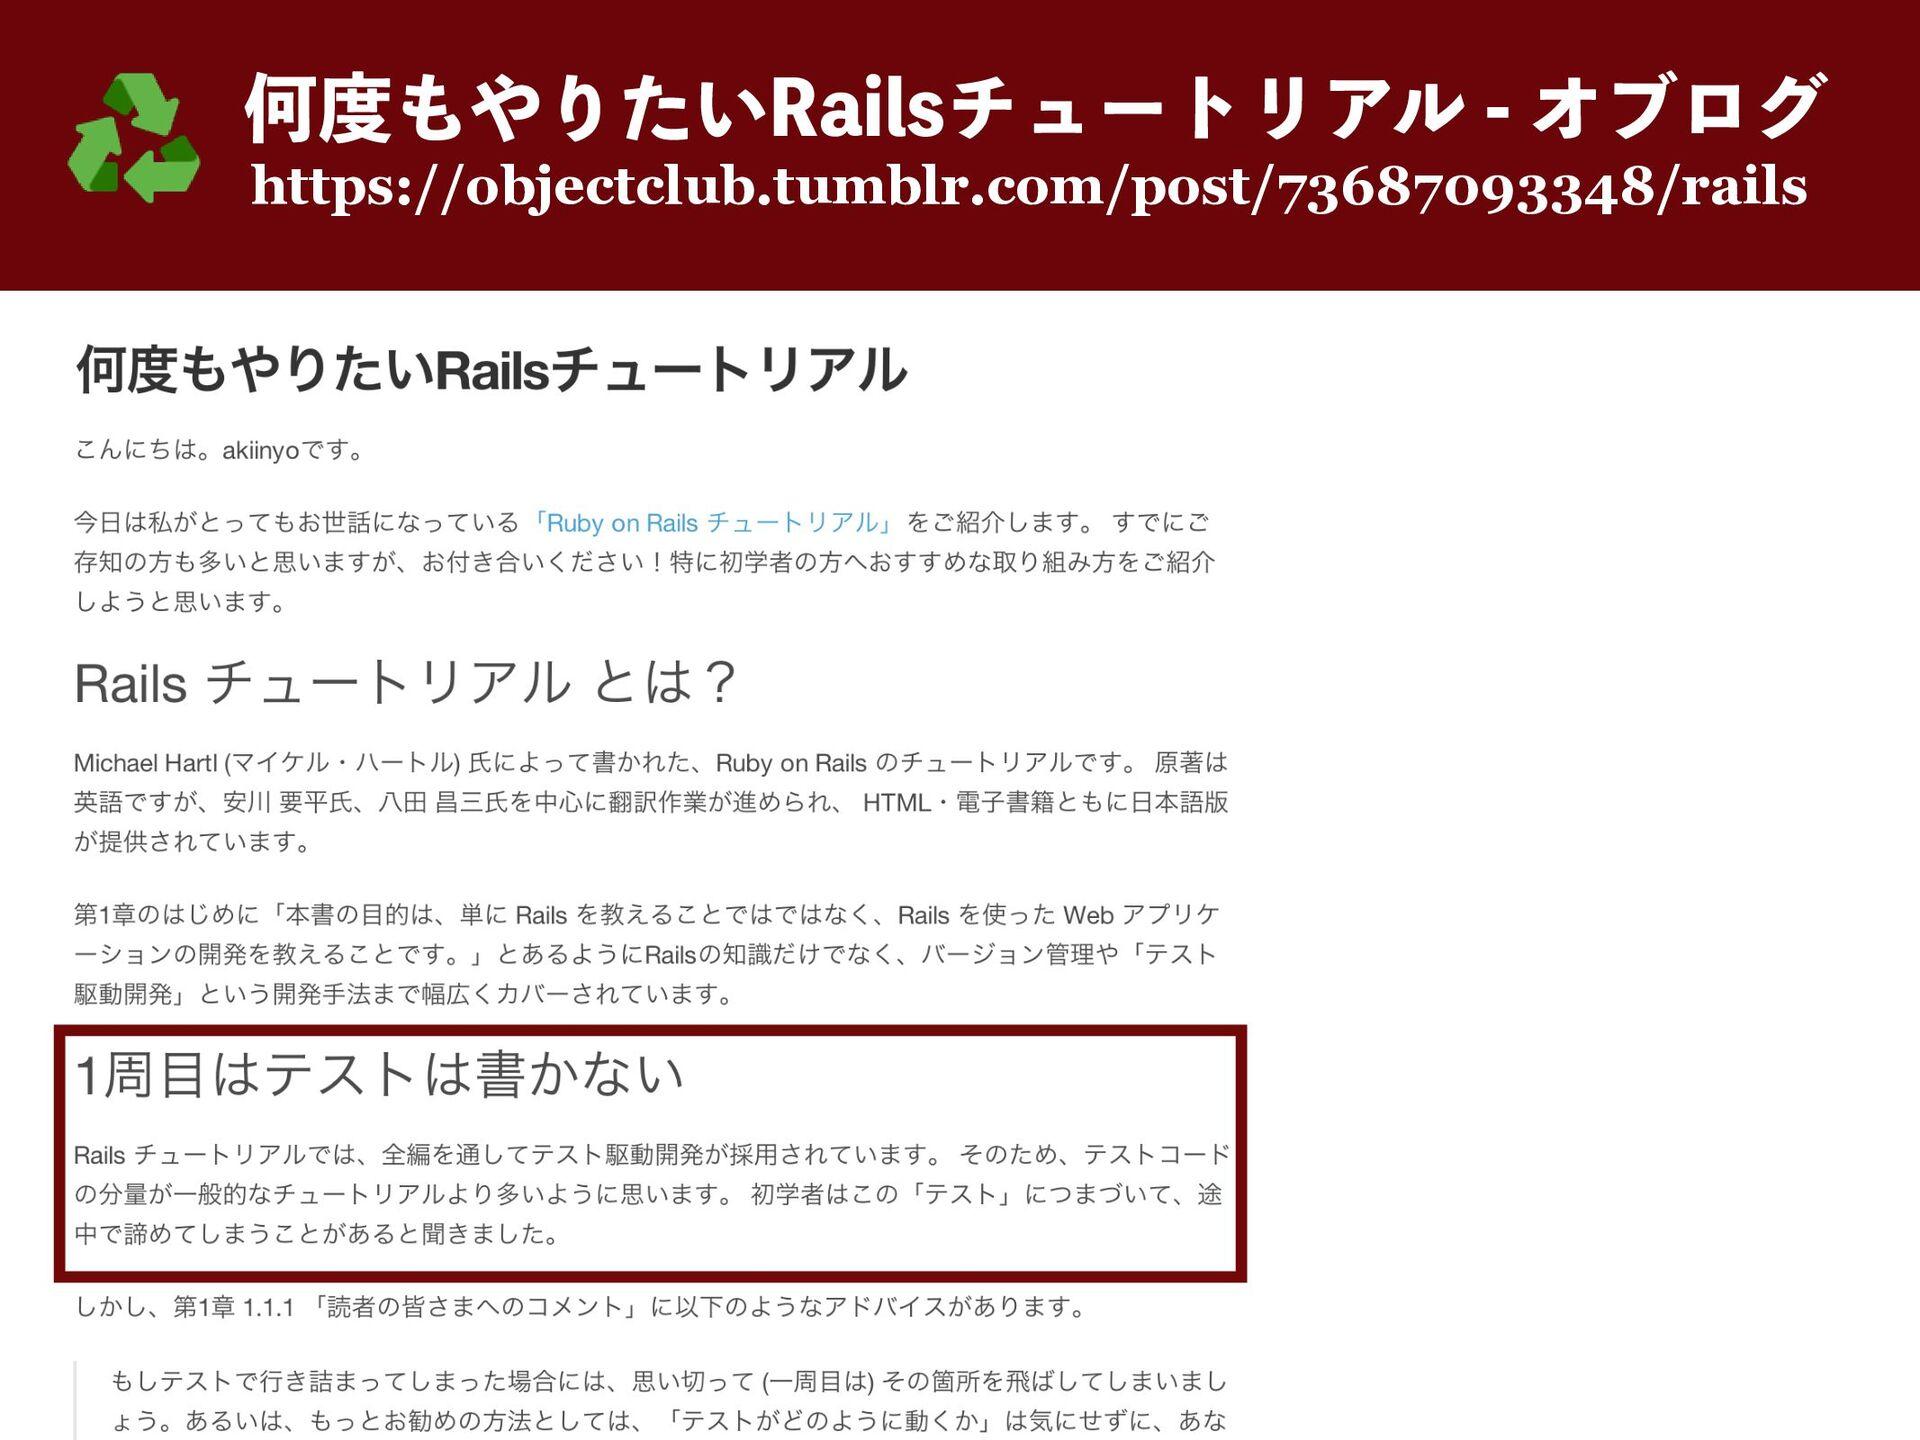 ొஃ: RubyWorld Conference (2013 / 2015 / 2018)